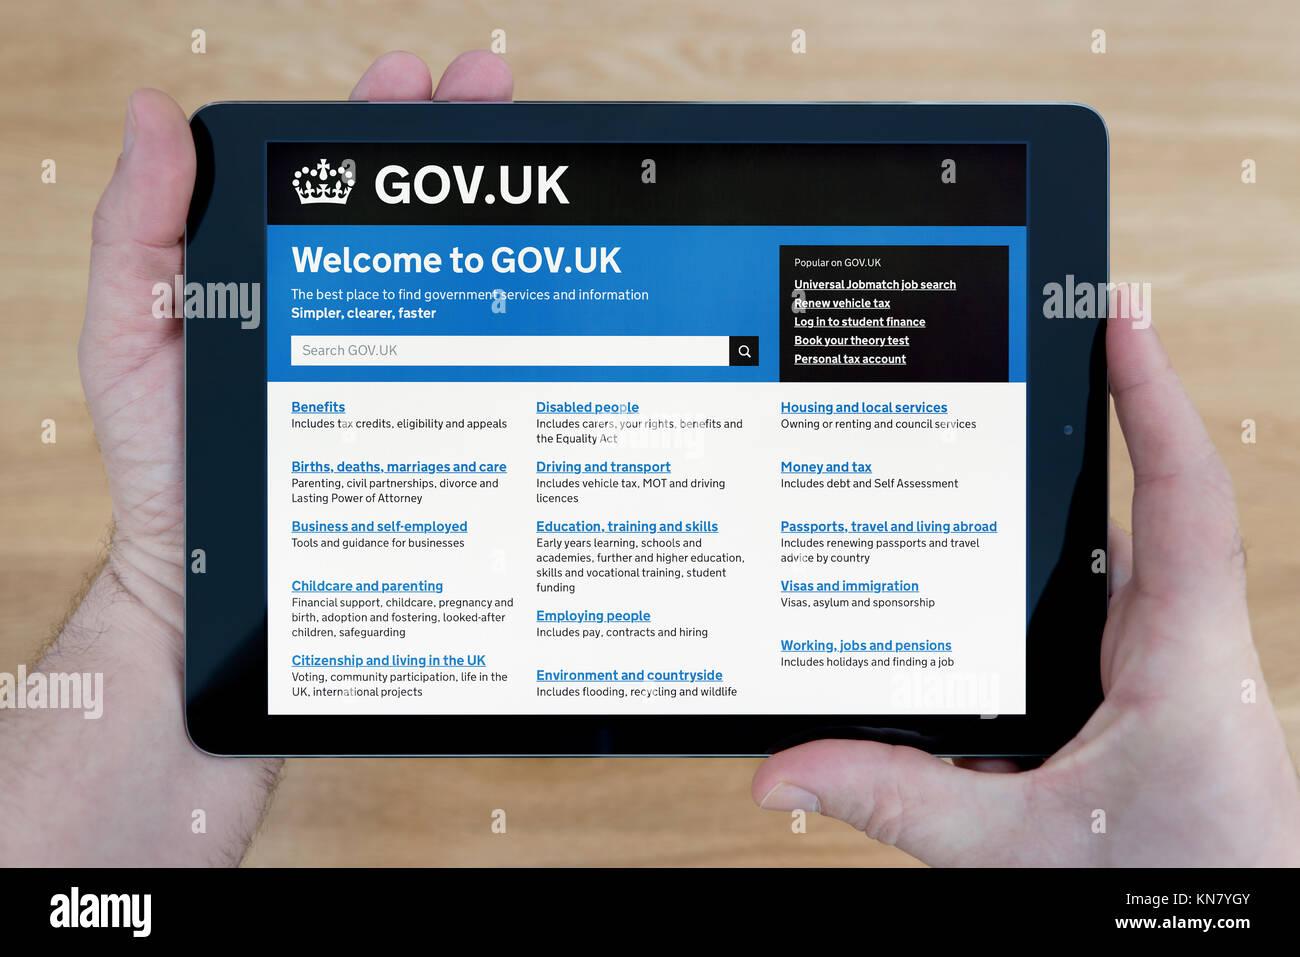 Un hombre mira el gov.uk sitio web sobre su dispositivo iPad, disparó contra una mesa de madera fondo superior Imagen De Stock